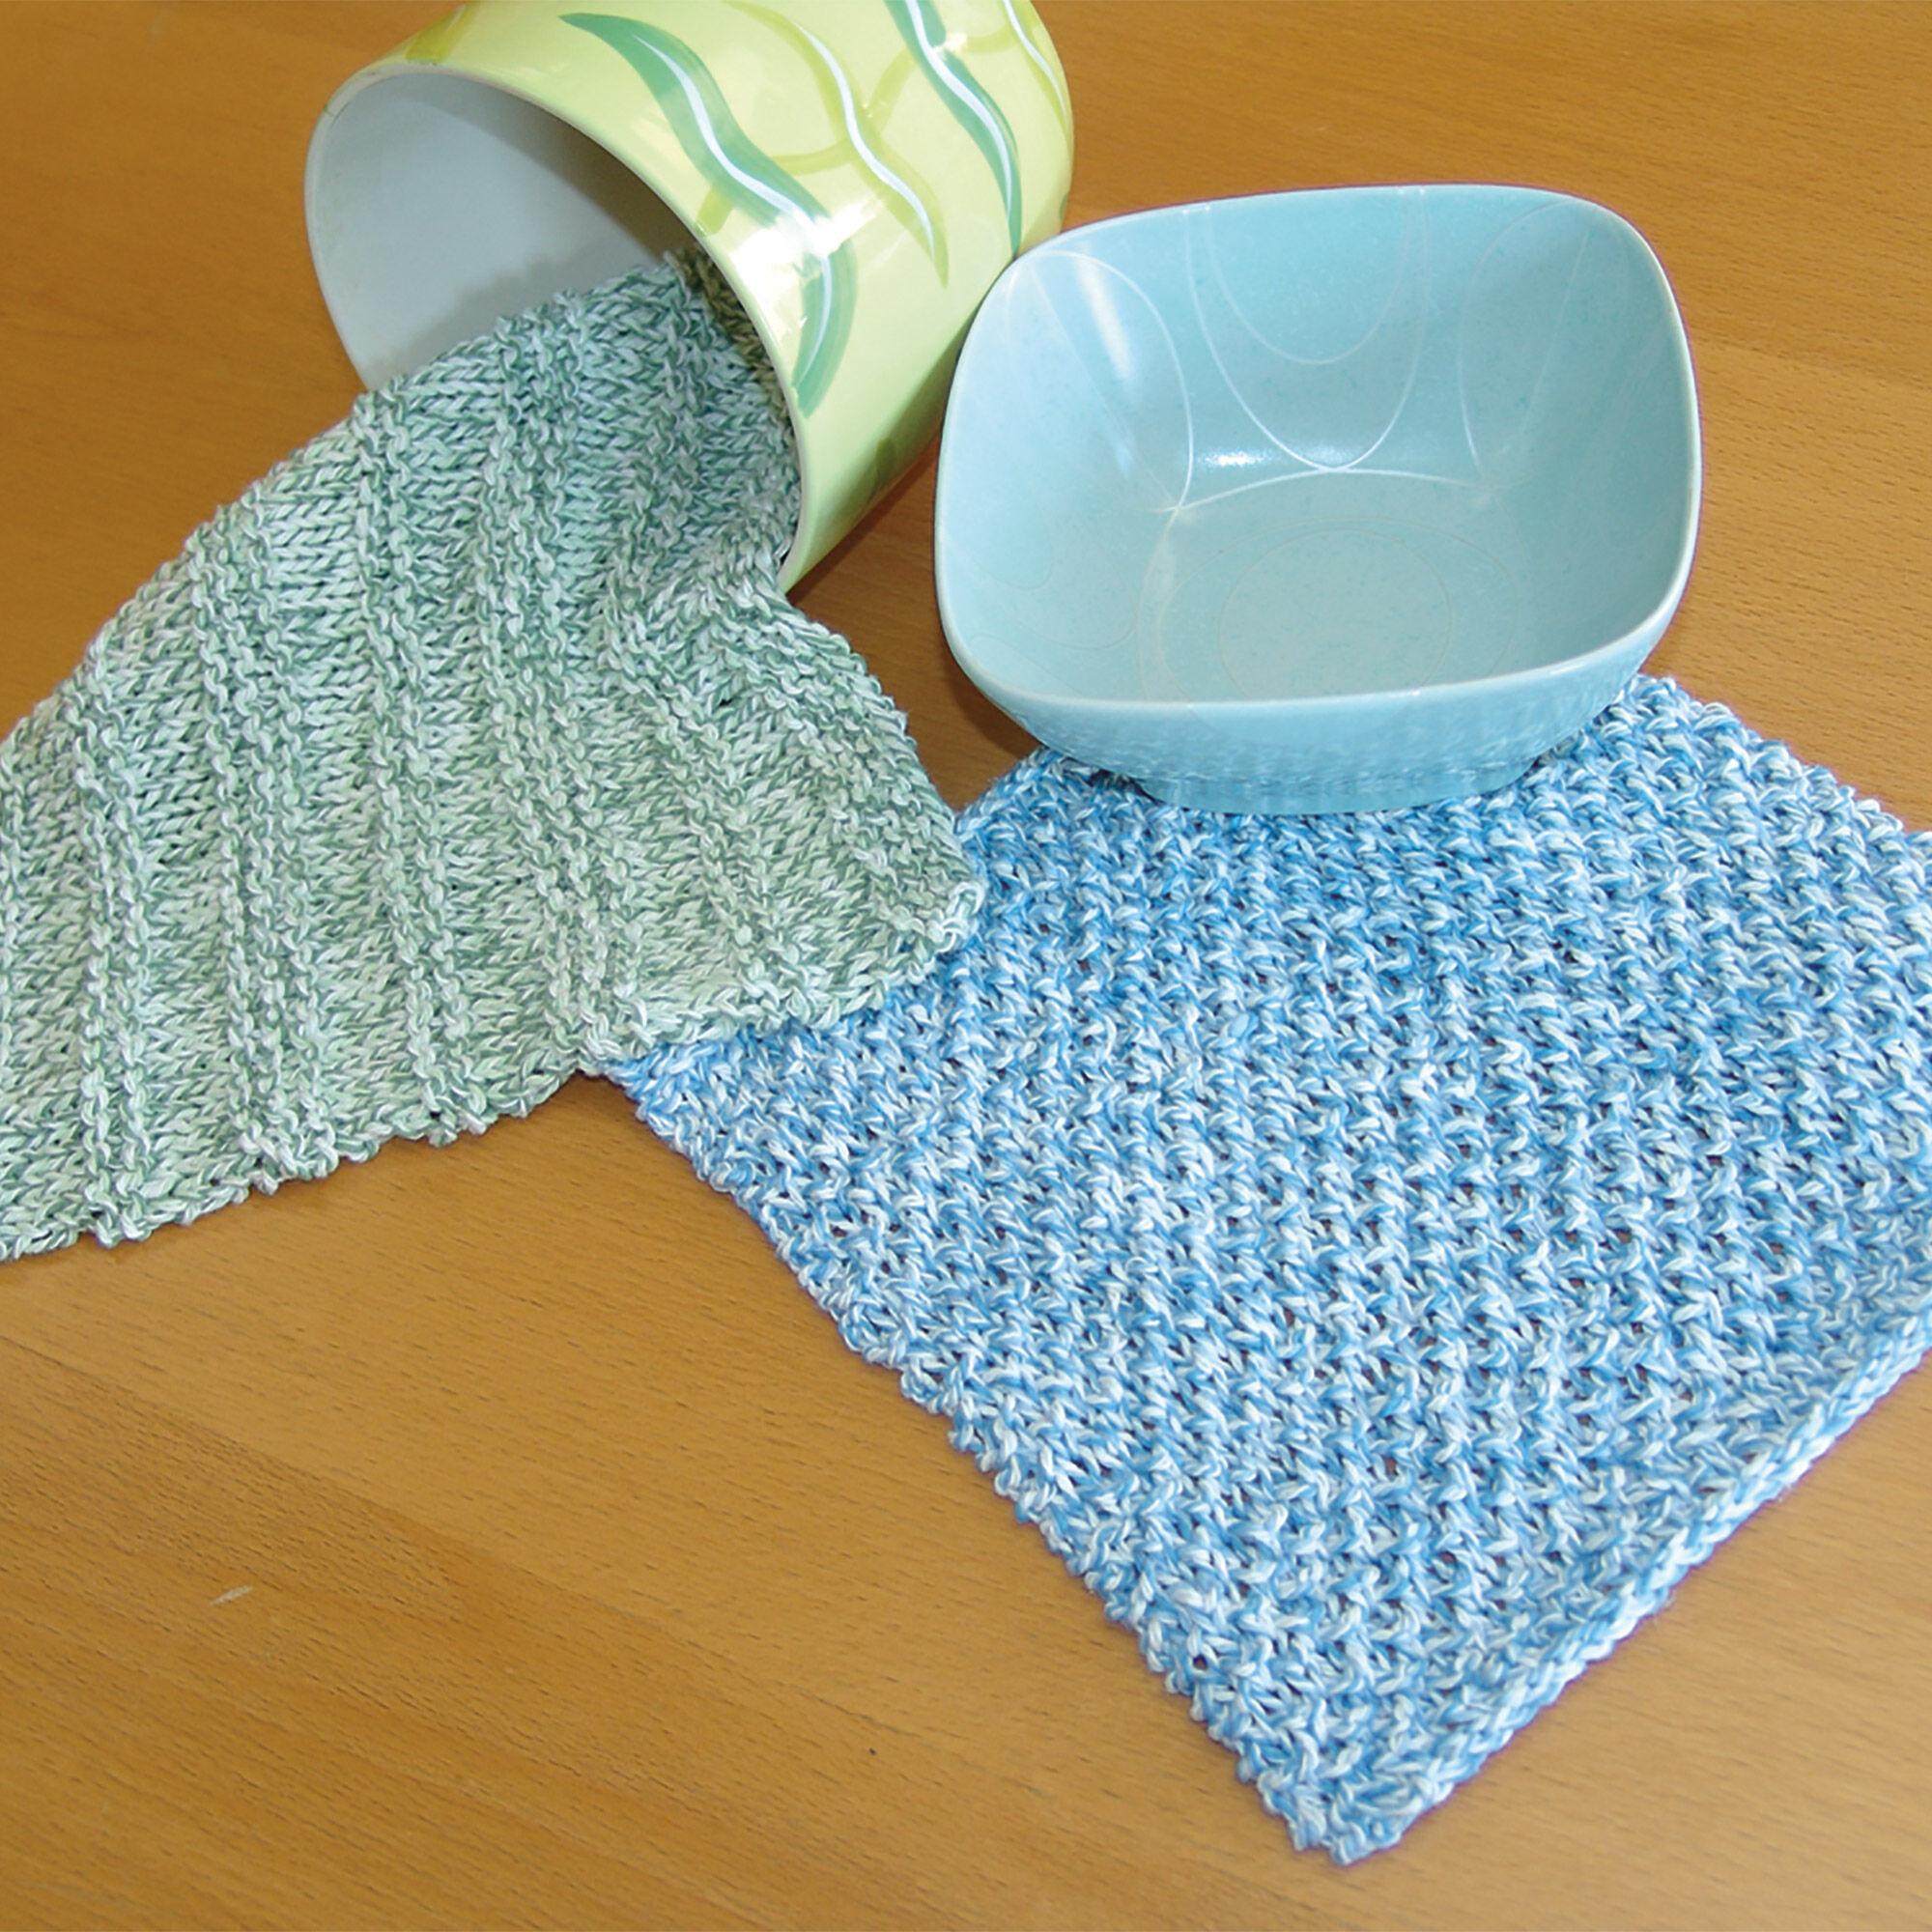 Bernat Dishcloths, Ridged | Yarnspirations